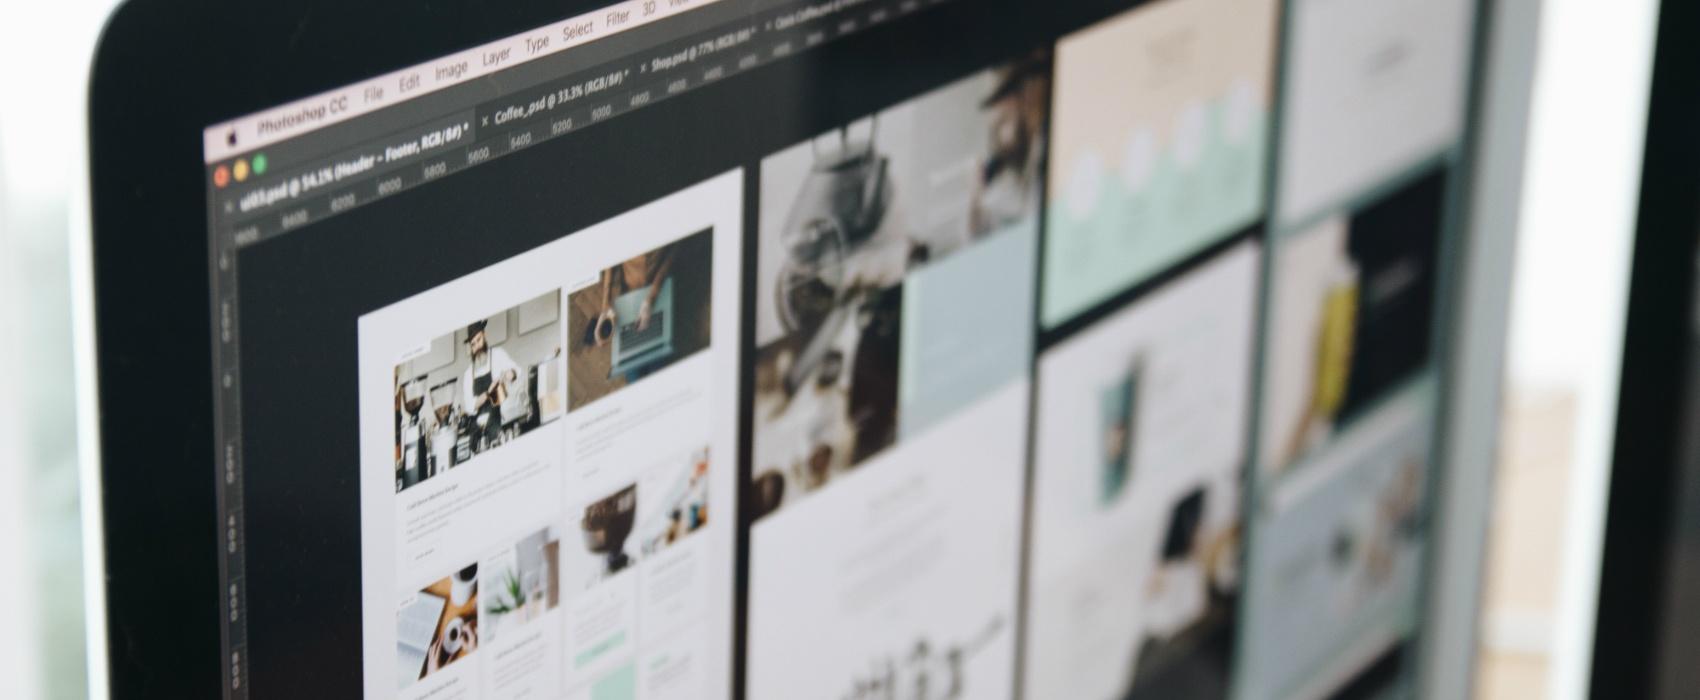 Designing websites on Photoshop